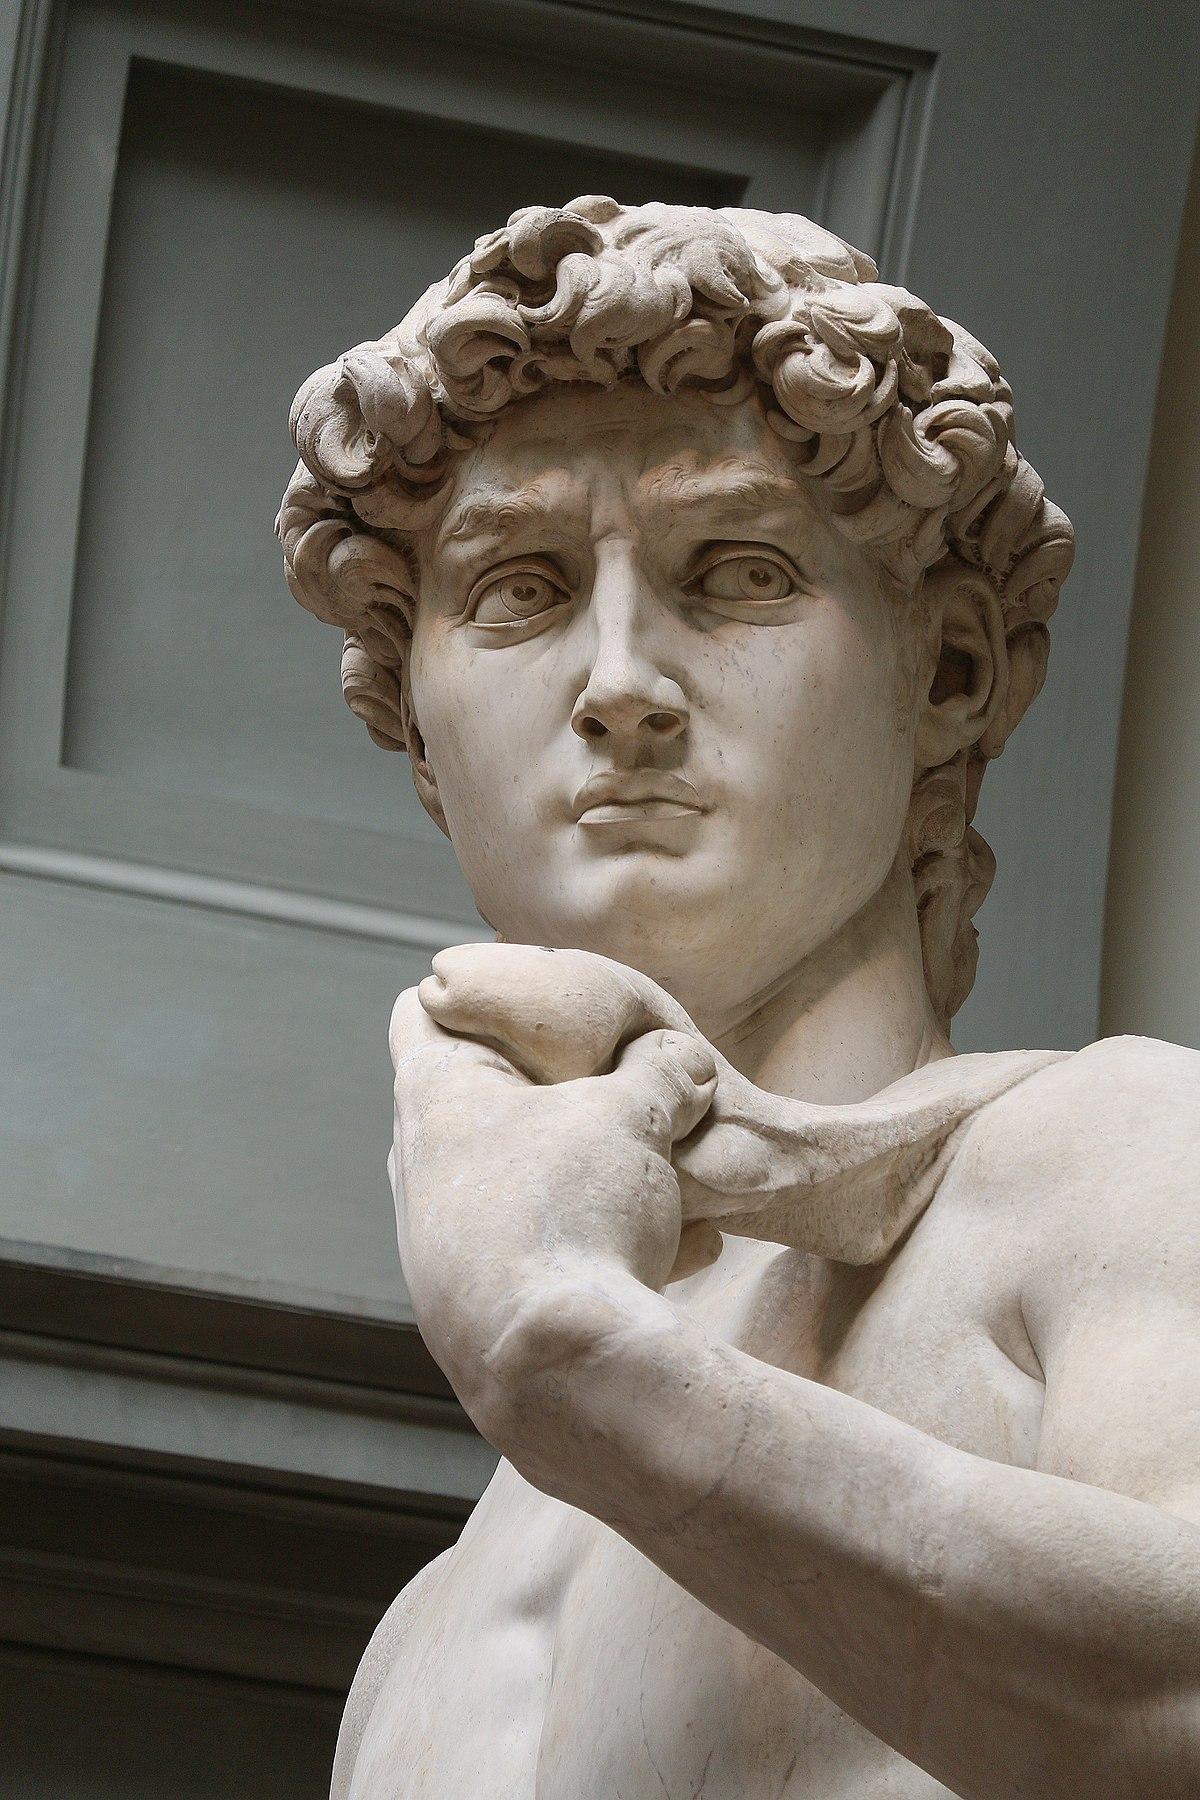 1200px David by Michelangelo Fir JBU008